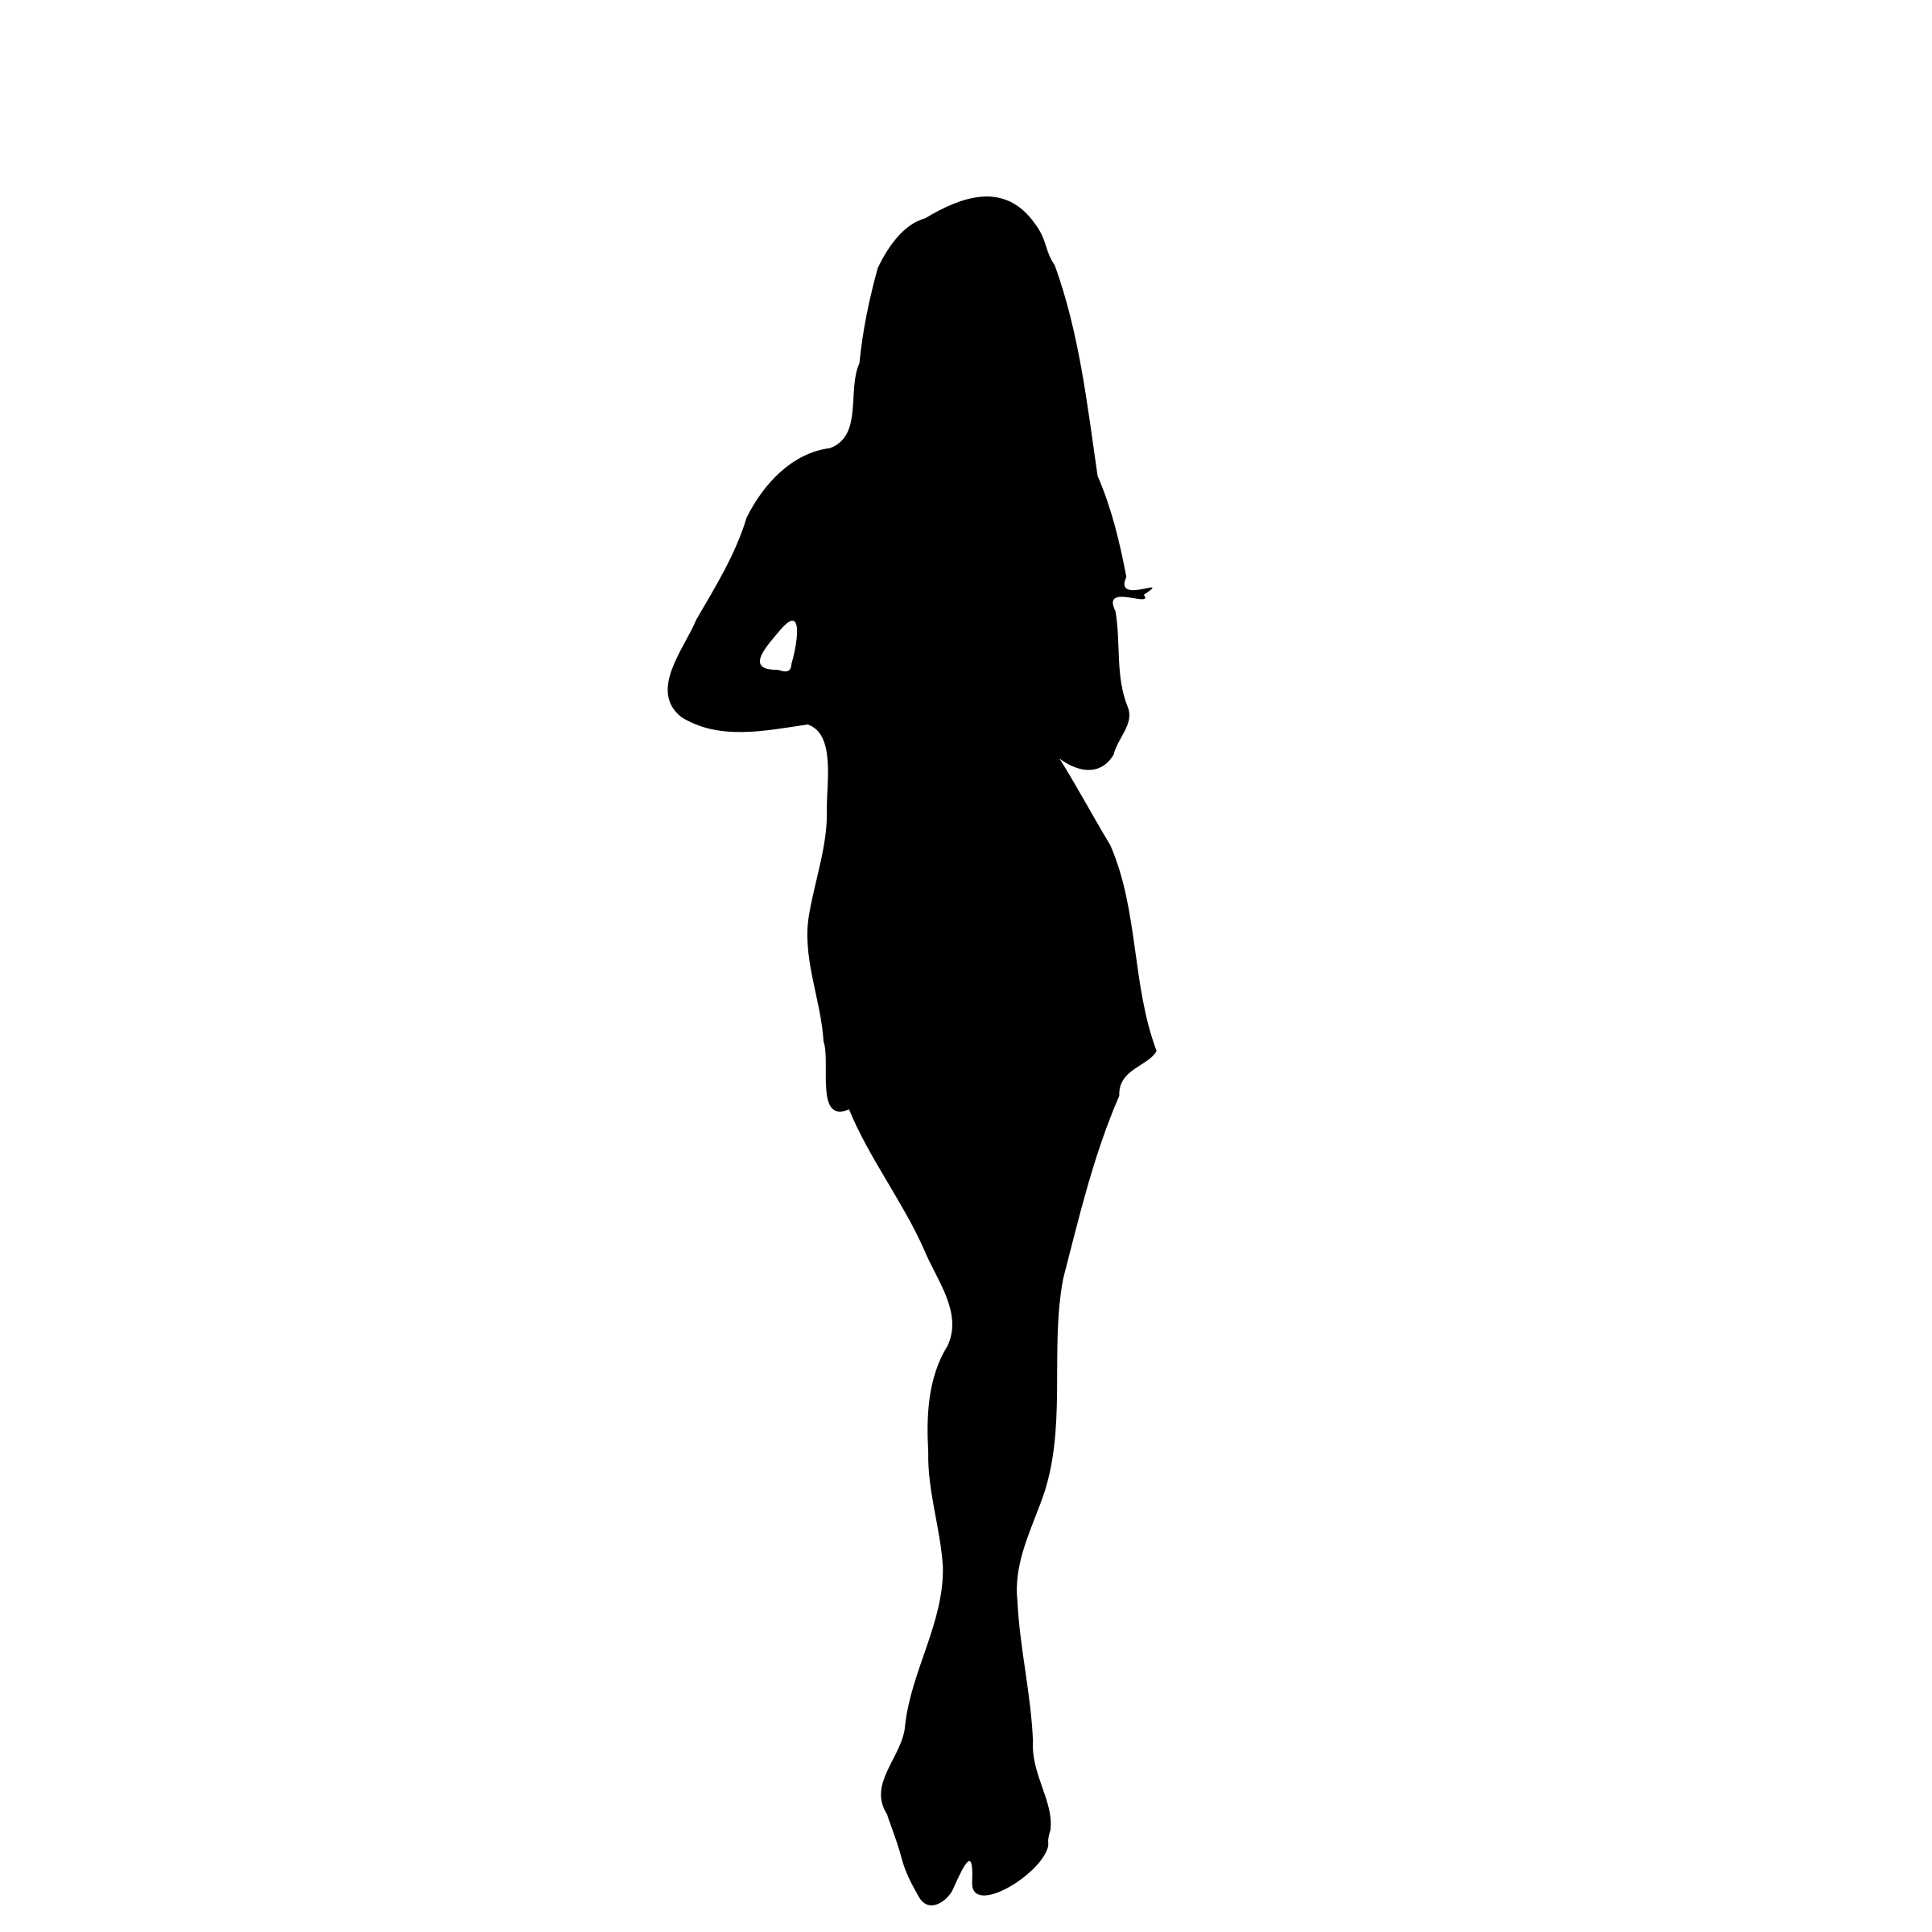 Woman zeta nalia pinterest. Einstein clipart silhouette